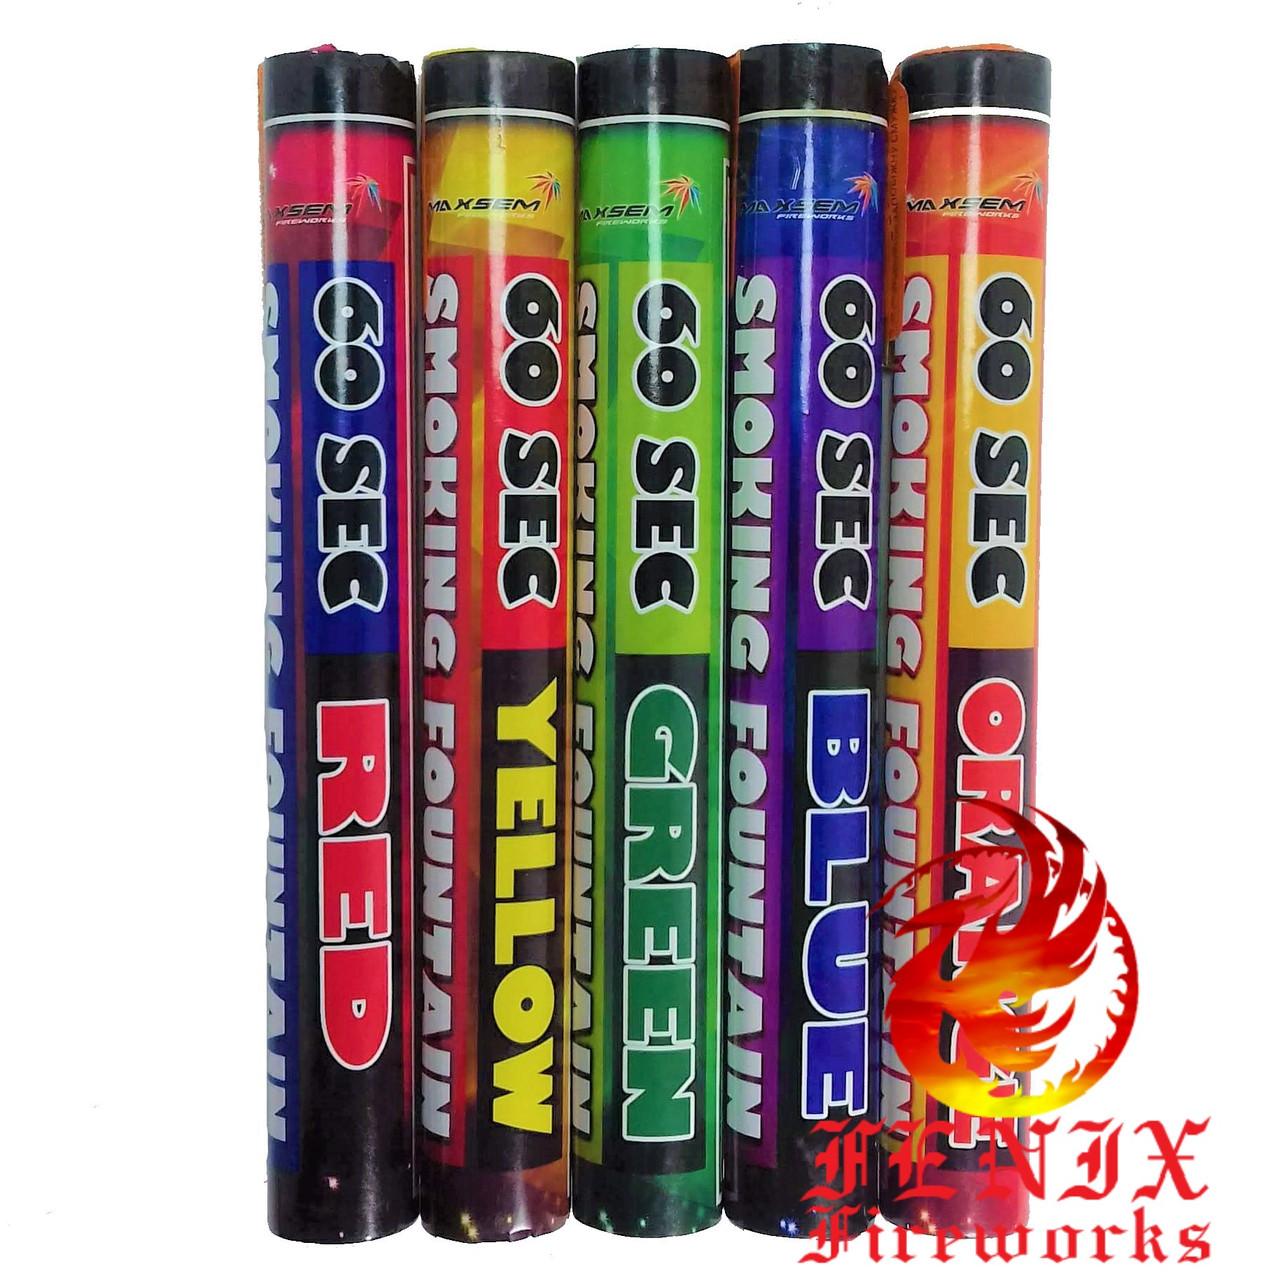 ЦВЕТНОЙ ДЫМ MIX 5 ЦВЕТОВ (Ручная дымовая шашка) Smoke Bombs 60 секунд MA0512/MIX